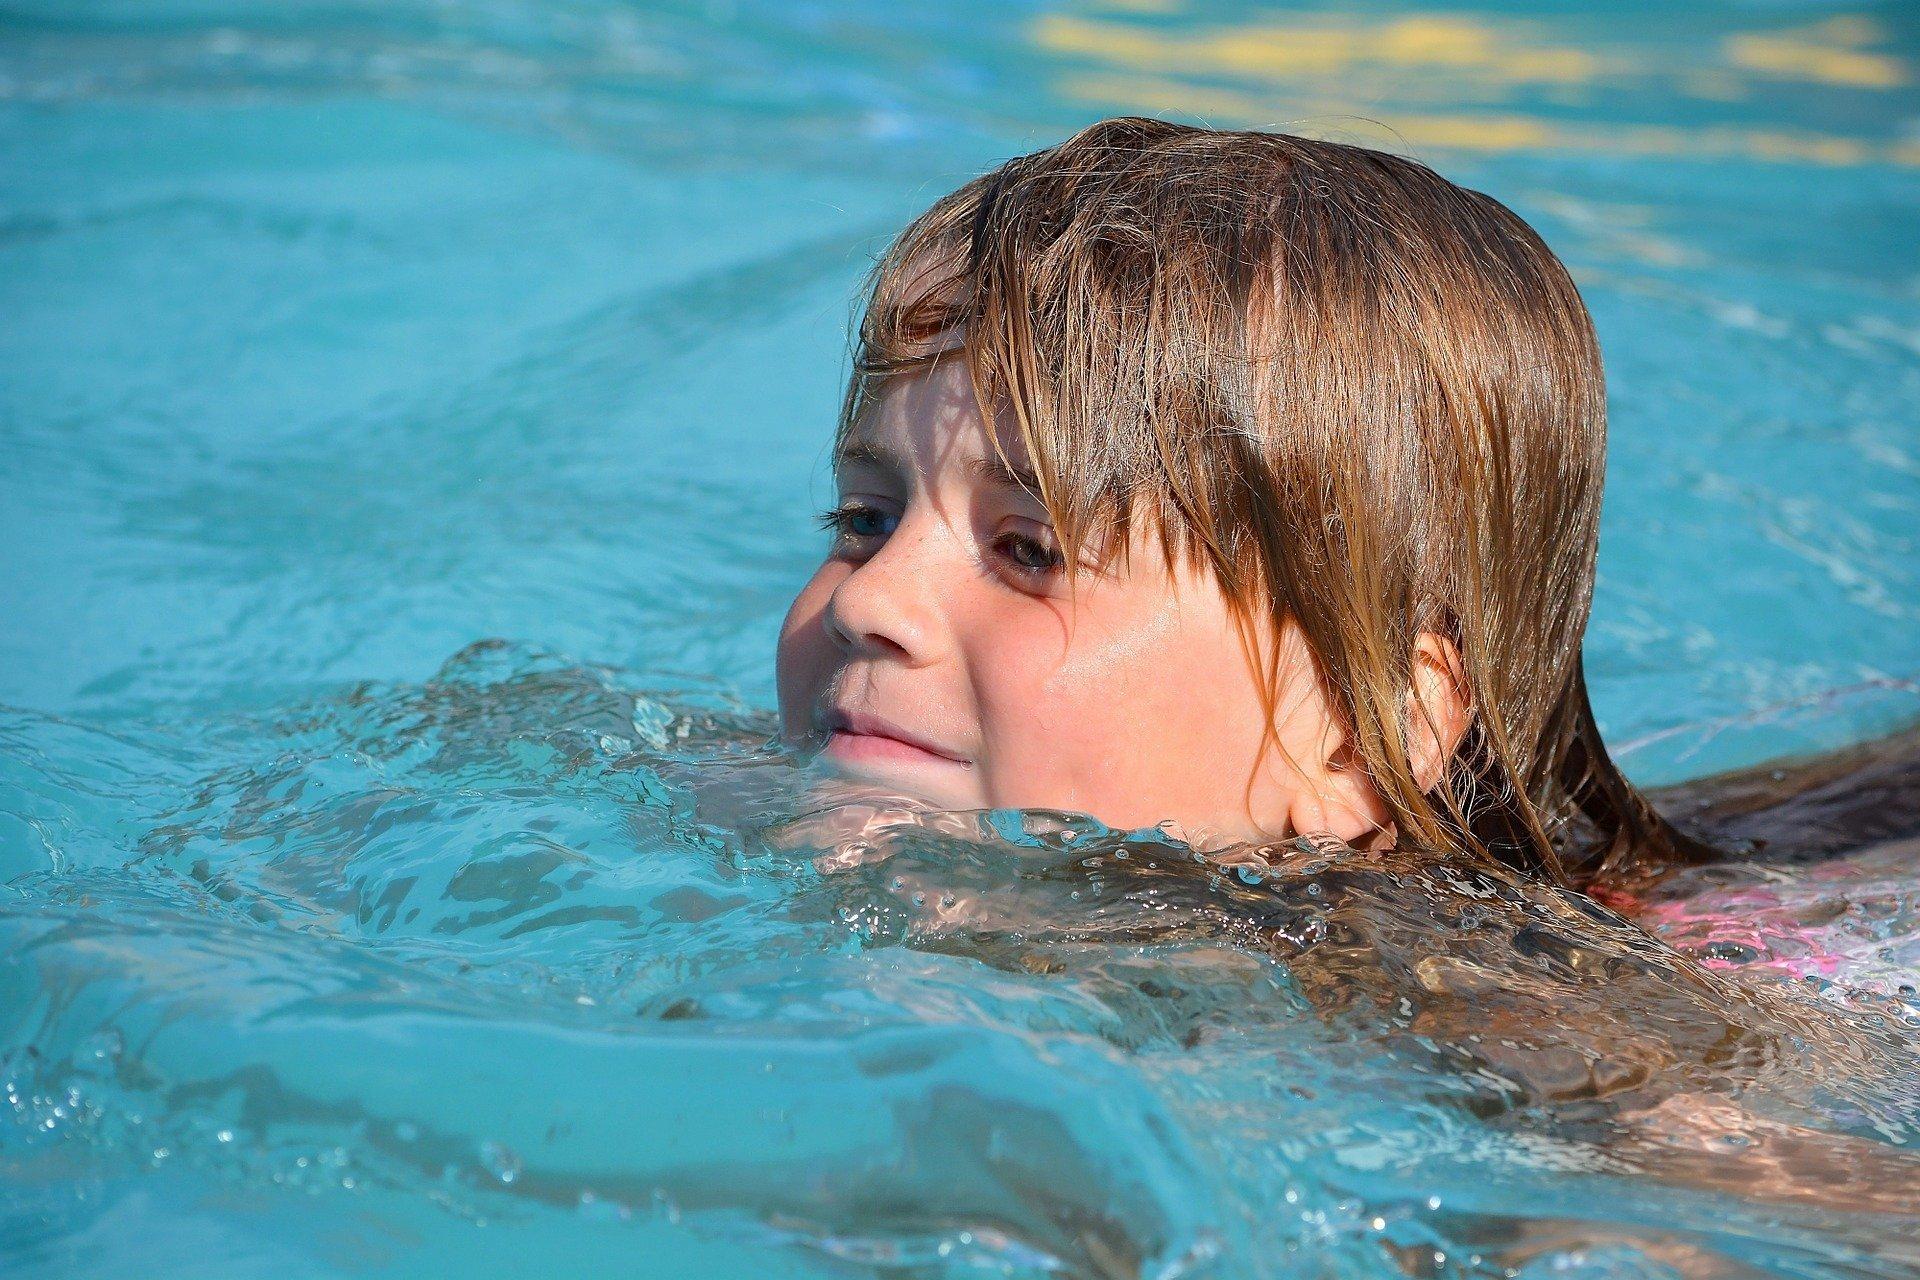 Pomysły na zabawę w wodzie z dzieckiem